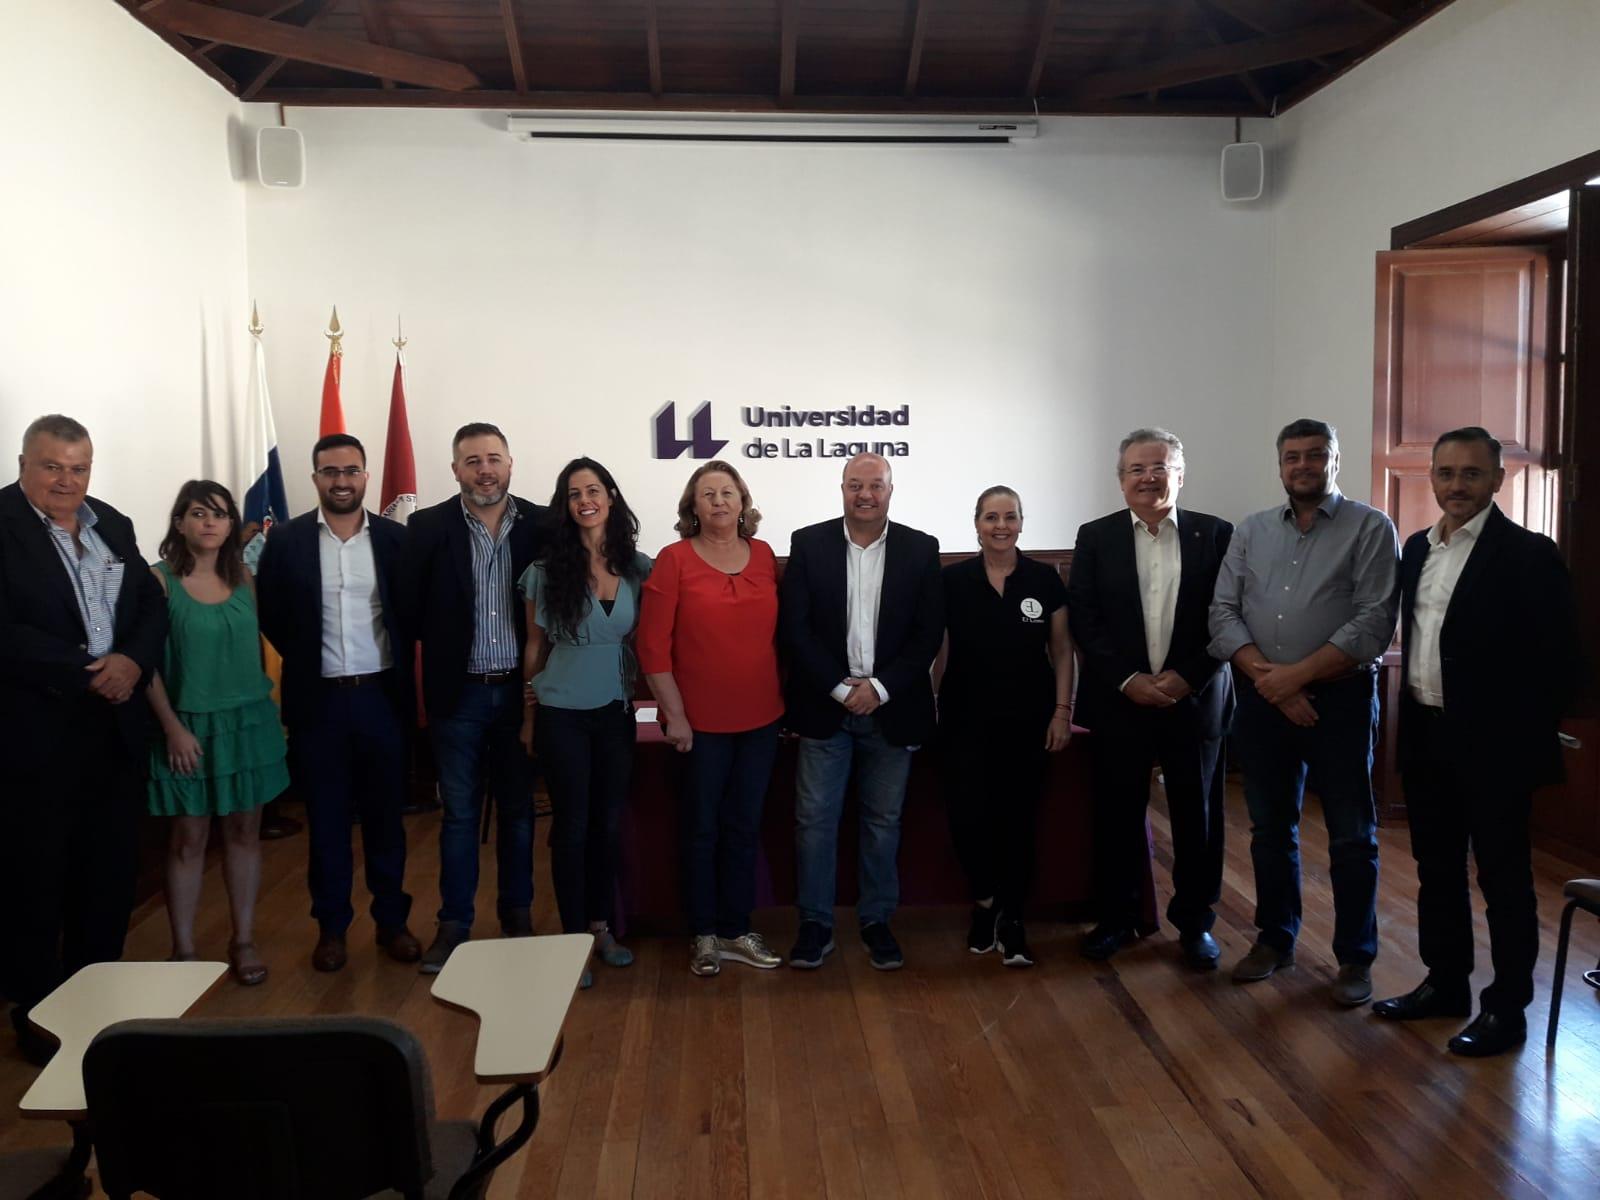 El enoturismo en Canarias apuesta por la colaboración como estrategia para impulsar el sector